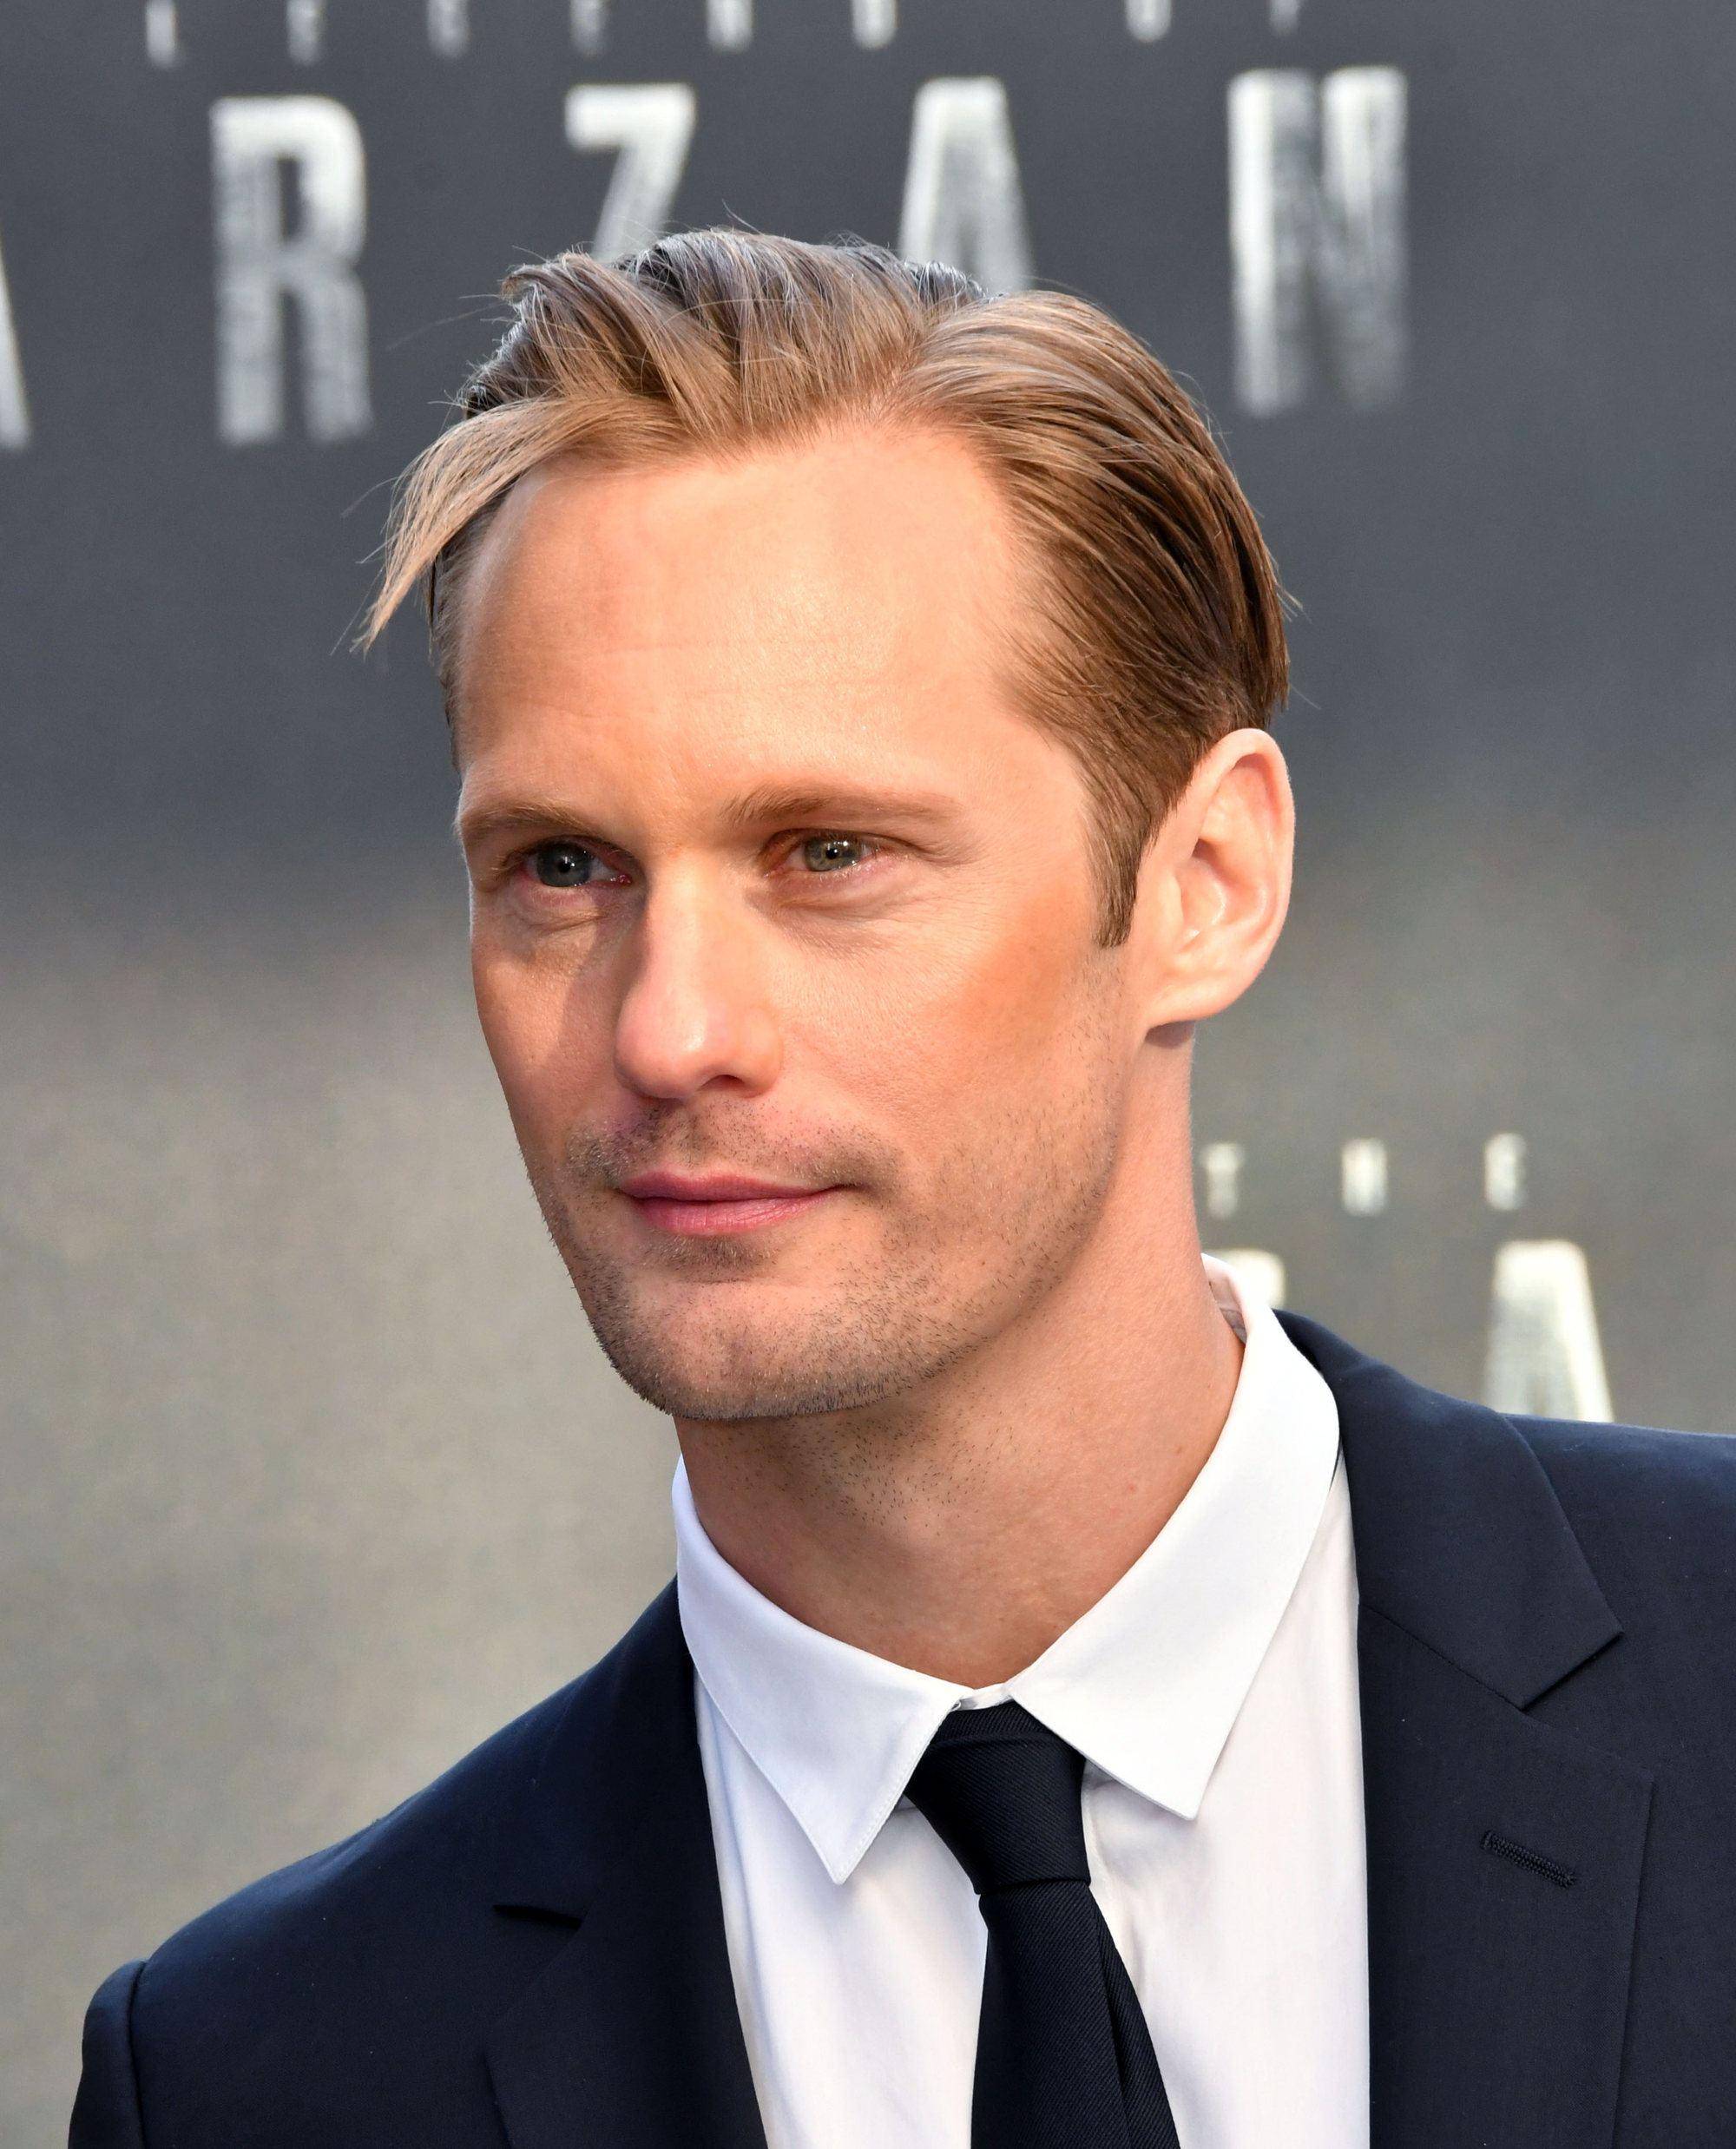 Coiffures pour le recul de la ligne des cheveux : Gros plan d'Alexander Skarsgard avec des cheveux blonds dans une coiffure au peigne fin avec séparation latérale